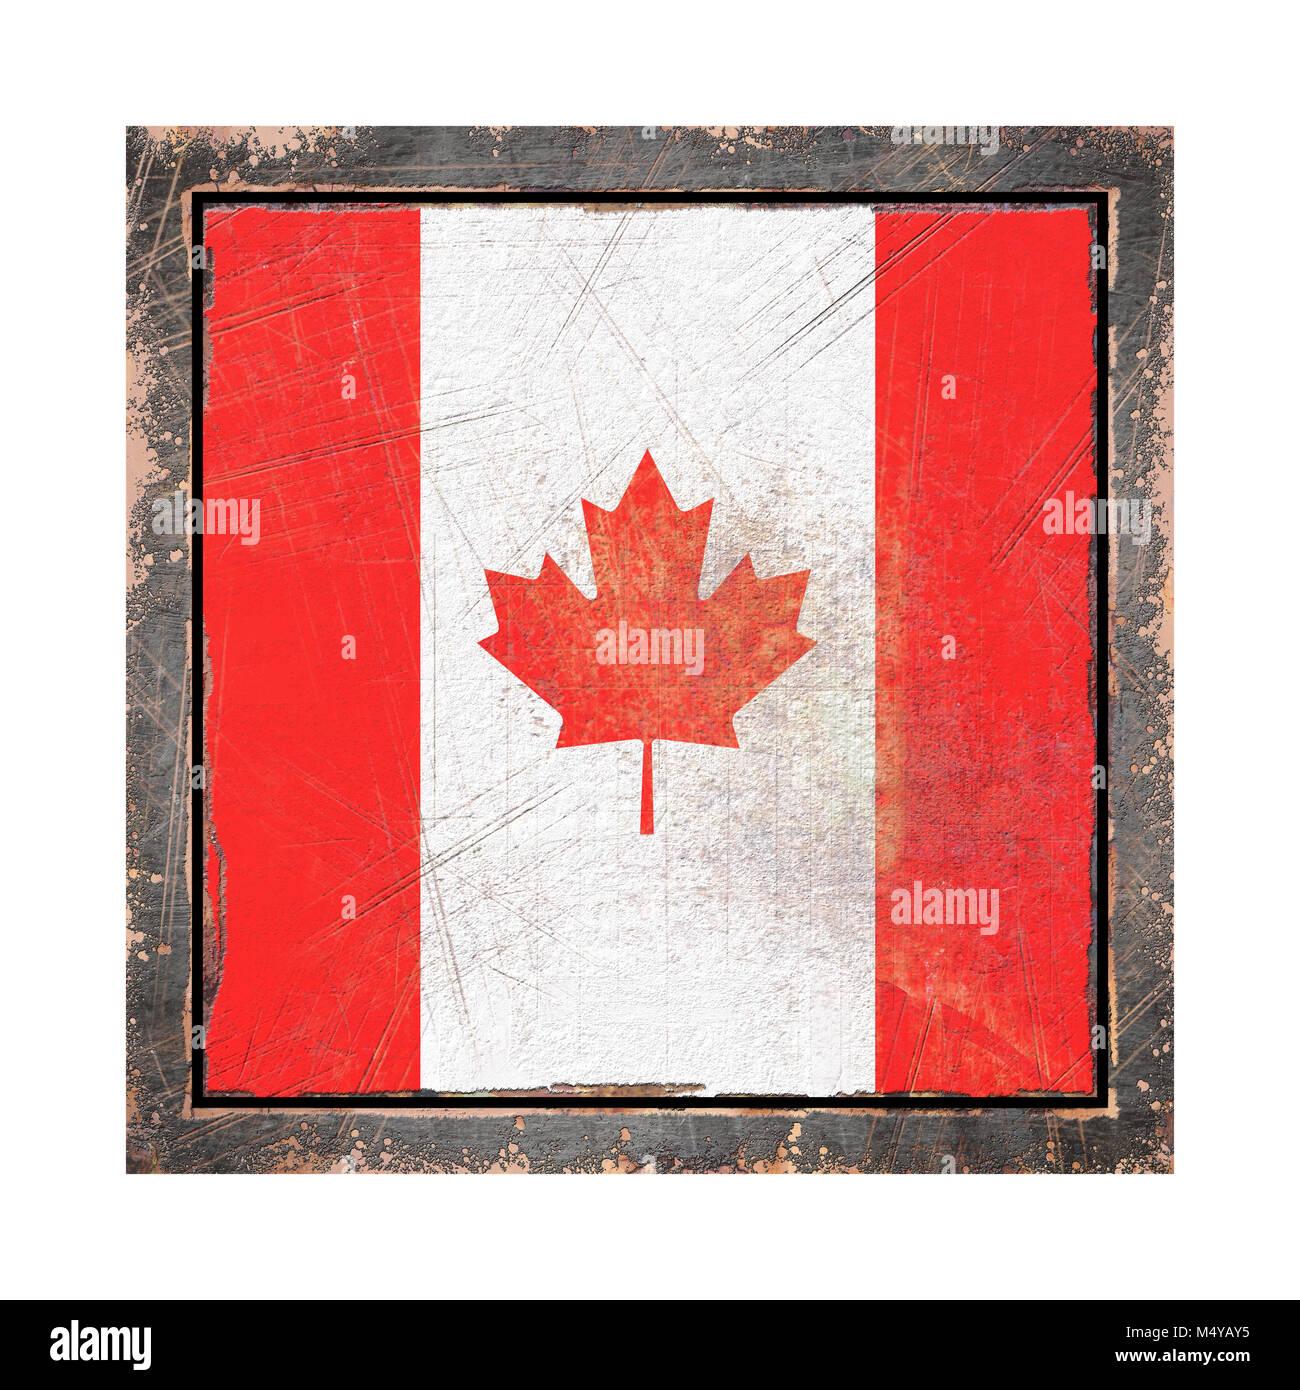 Canada Grunge Flag Stockfotos & Canada Grunge Flag Bilder - Seite 2 ...